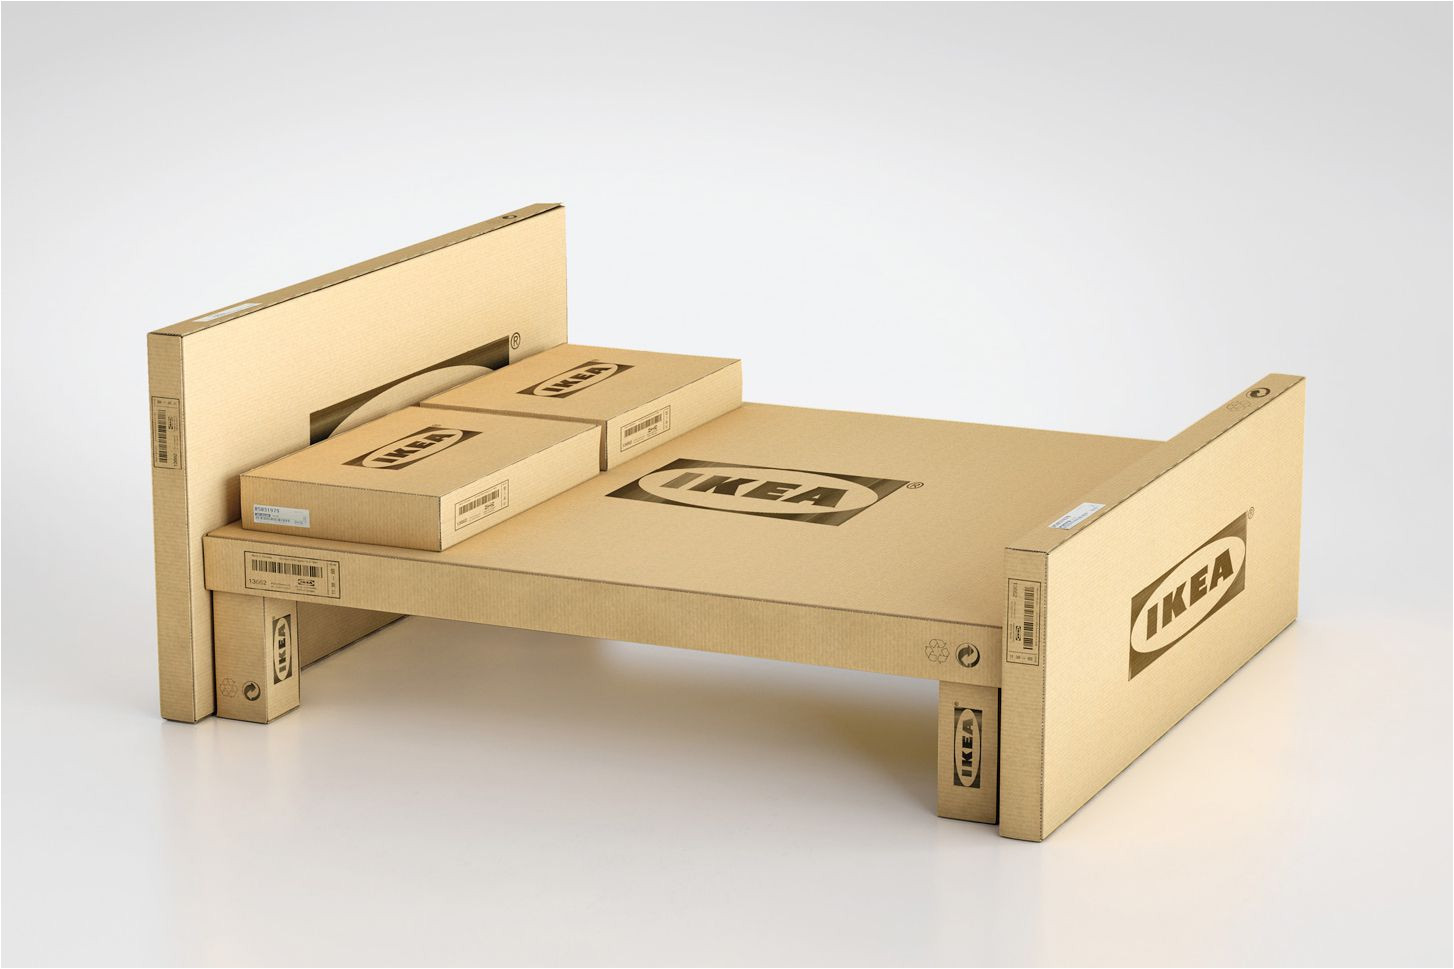 ikea boxes via smallspaces about com 57c5f6cc5f9b5855e5188f94 jpg